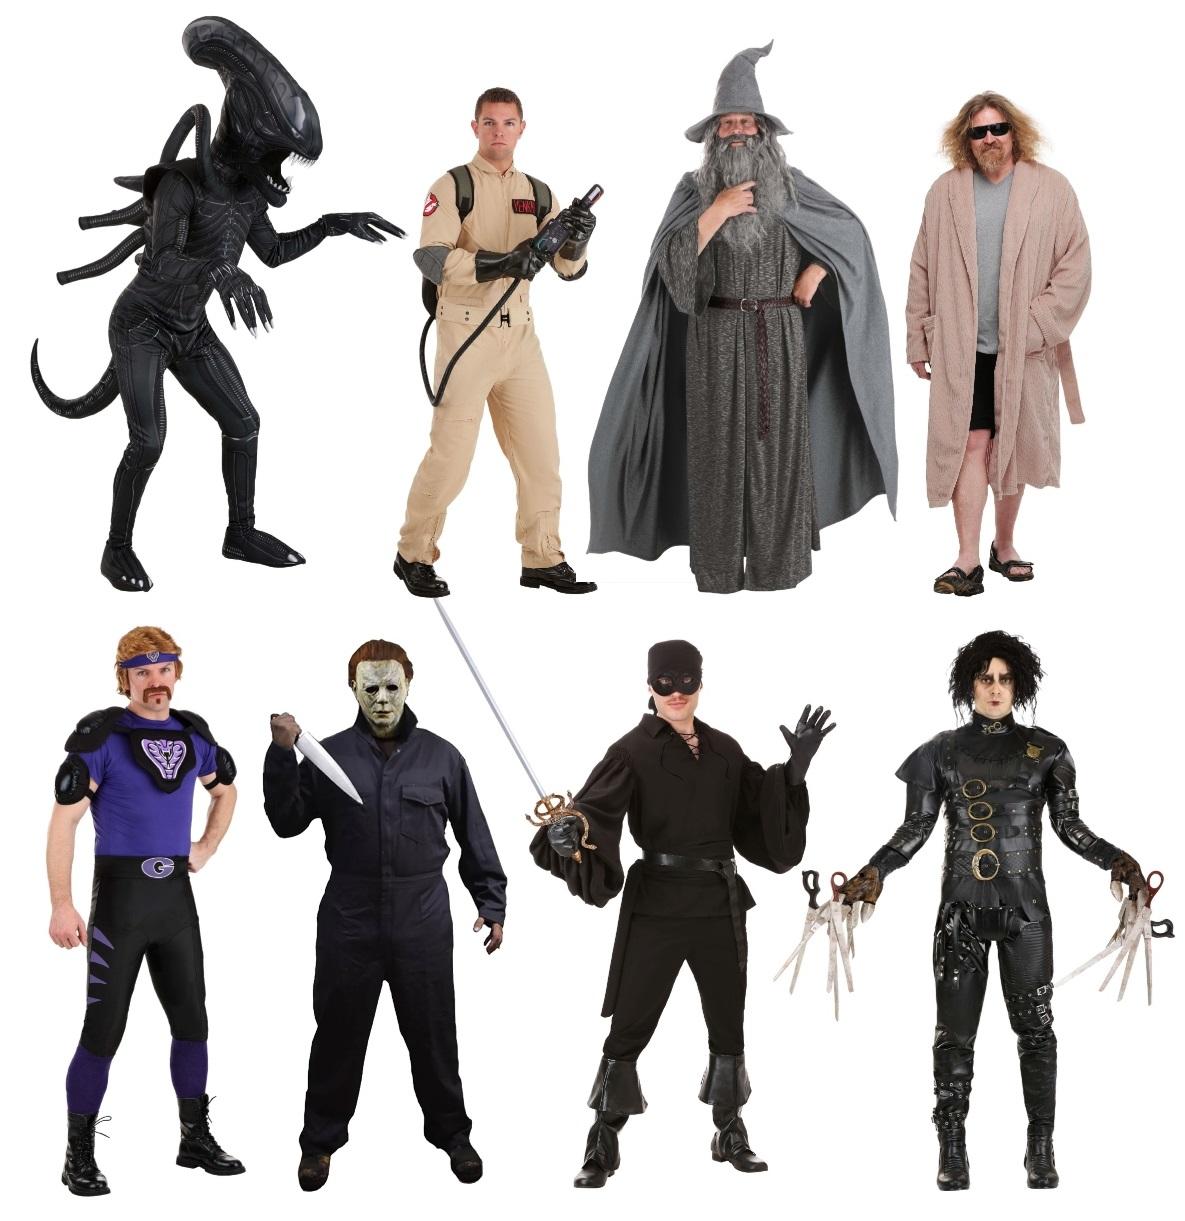 Movie Costumes for Men